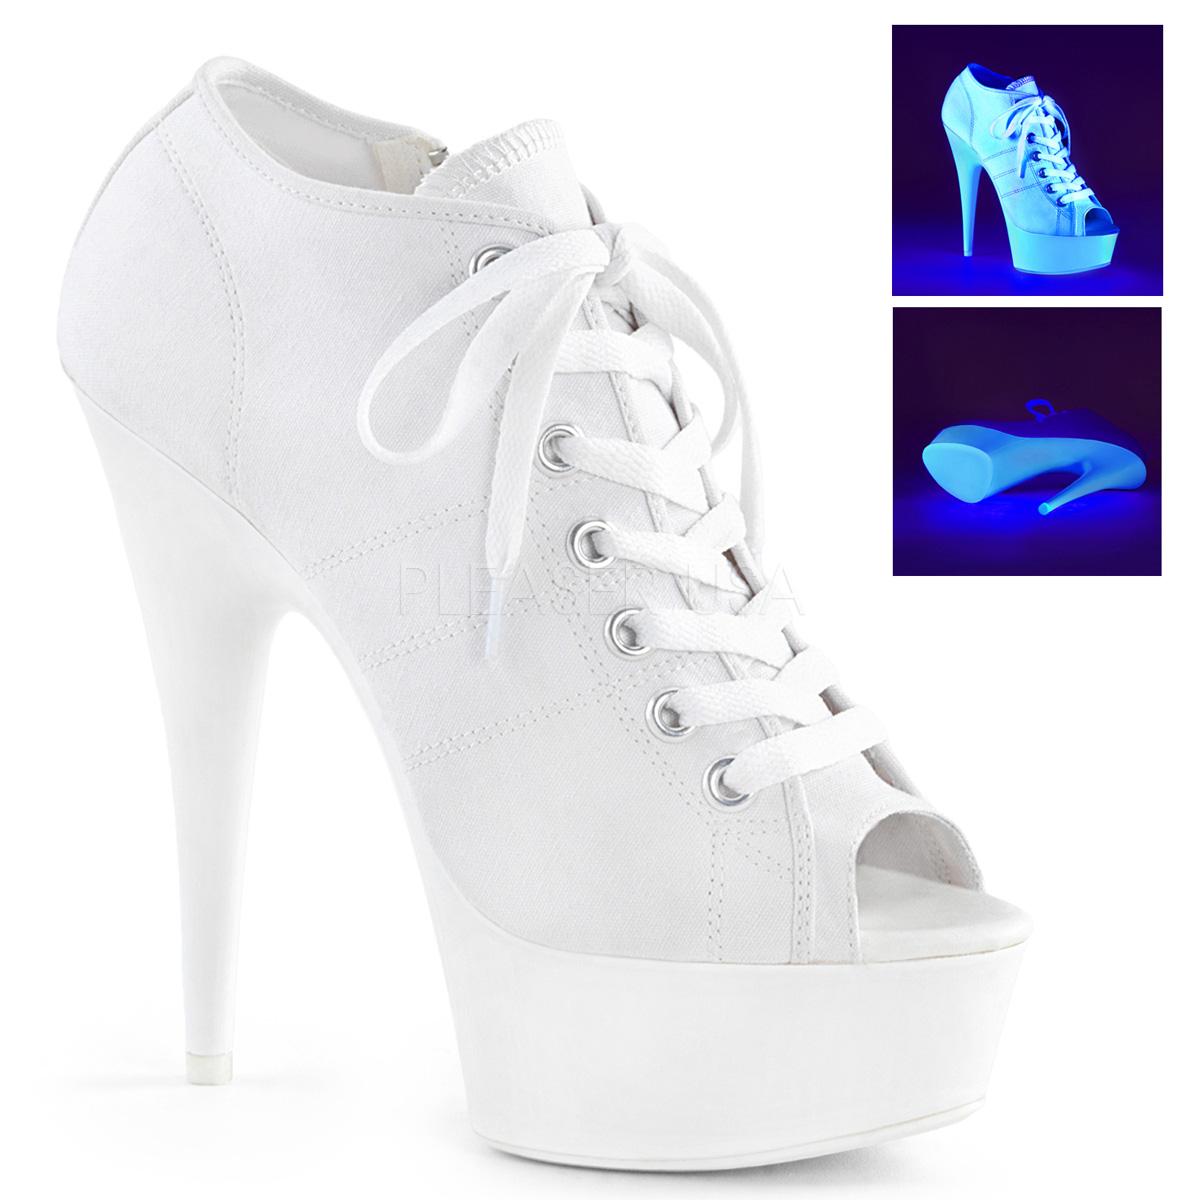 d83120e4 hvit neon 15 cm DELIGHT-600SK-01 canvas joggesko med høye hæler